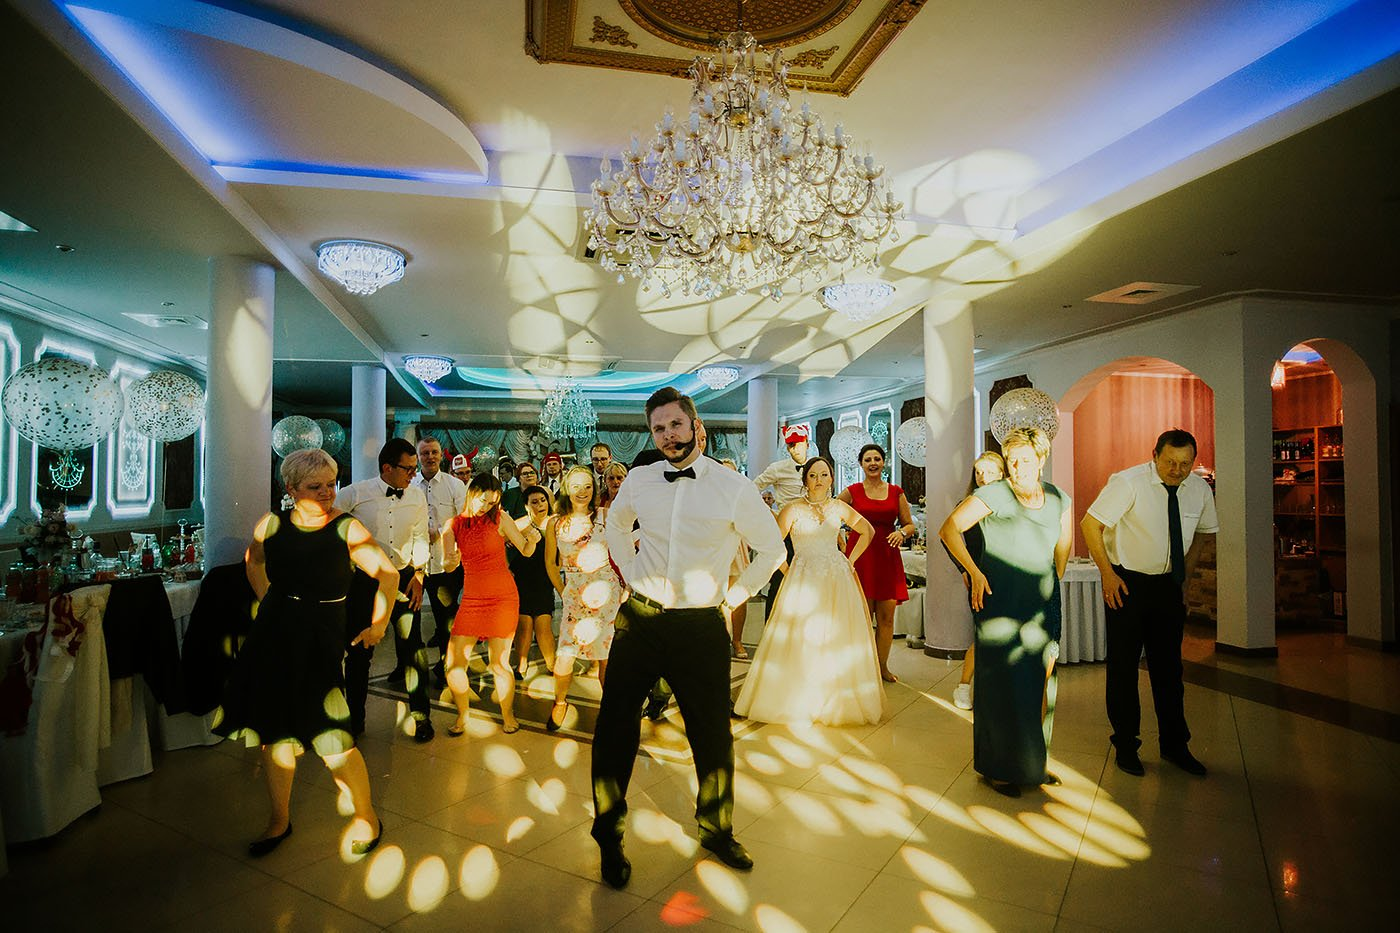 zabawa taneczna